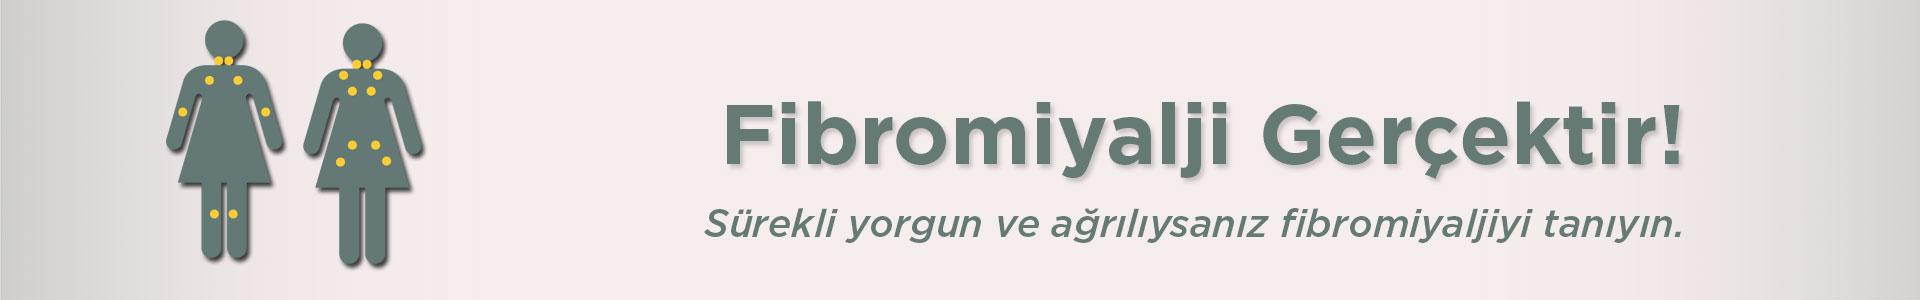 Fibromiyalji gerçektir! sürekli yorgun ve ağrılıysanız fibromiyaljiyi tanıyın.